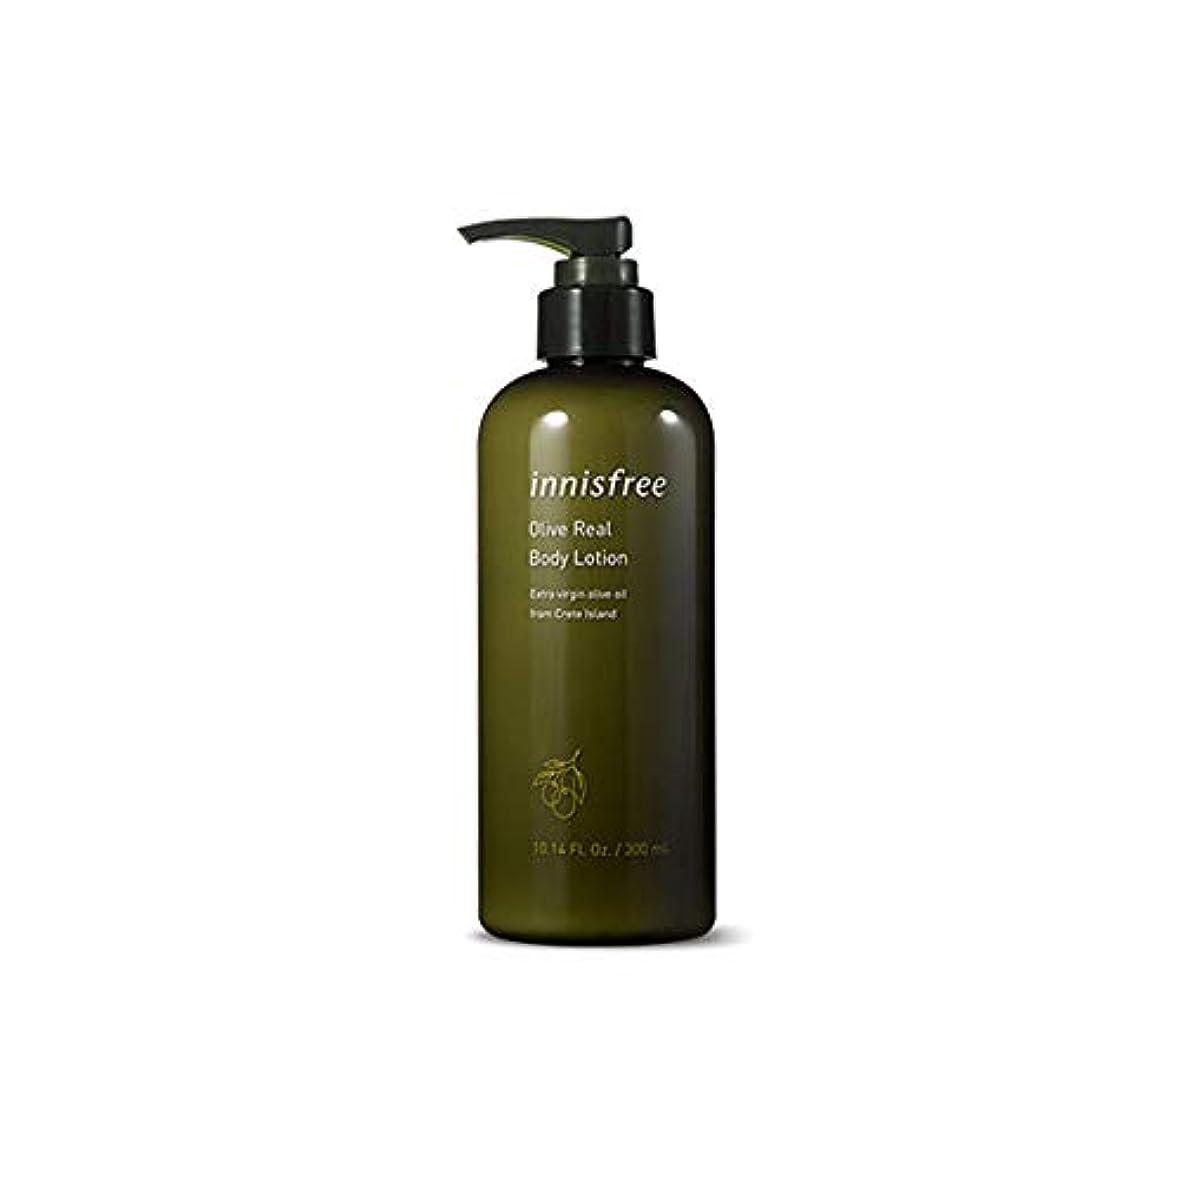 イニスフリー Innisfree オリーブリアル ボディーローション(300ml) Innisfree Olive Real Body Lotion(300ml) [海外直送品]